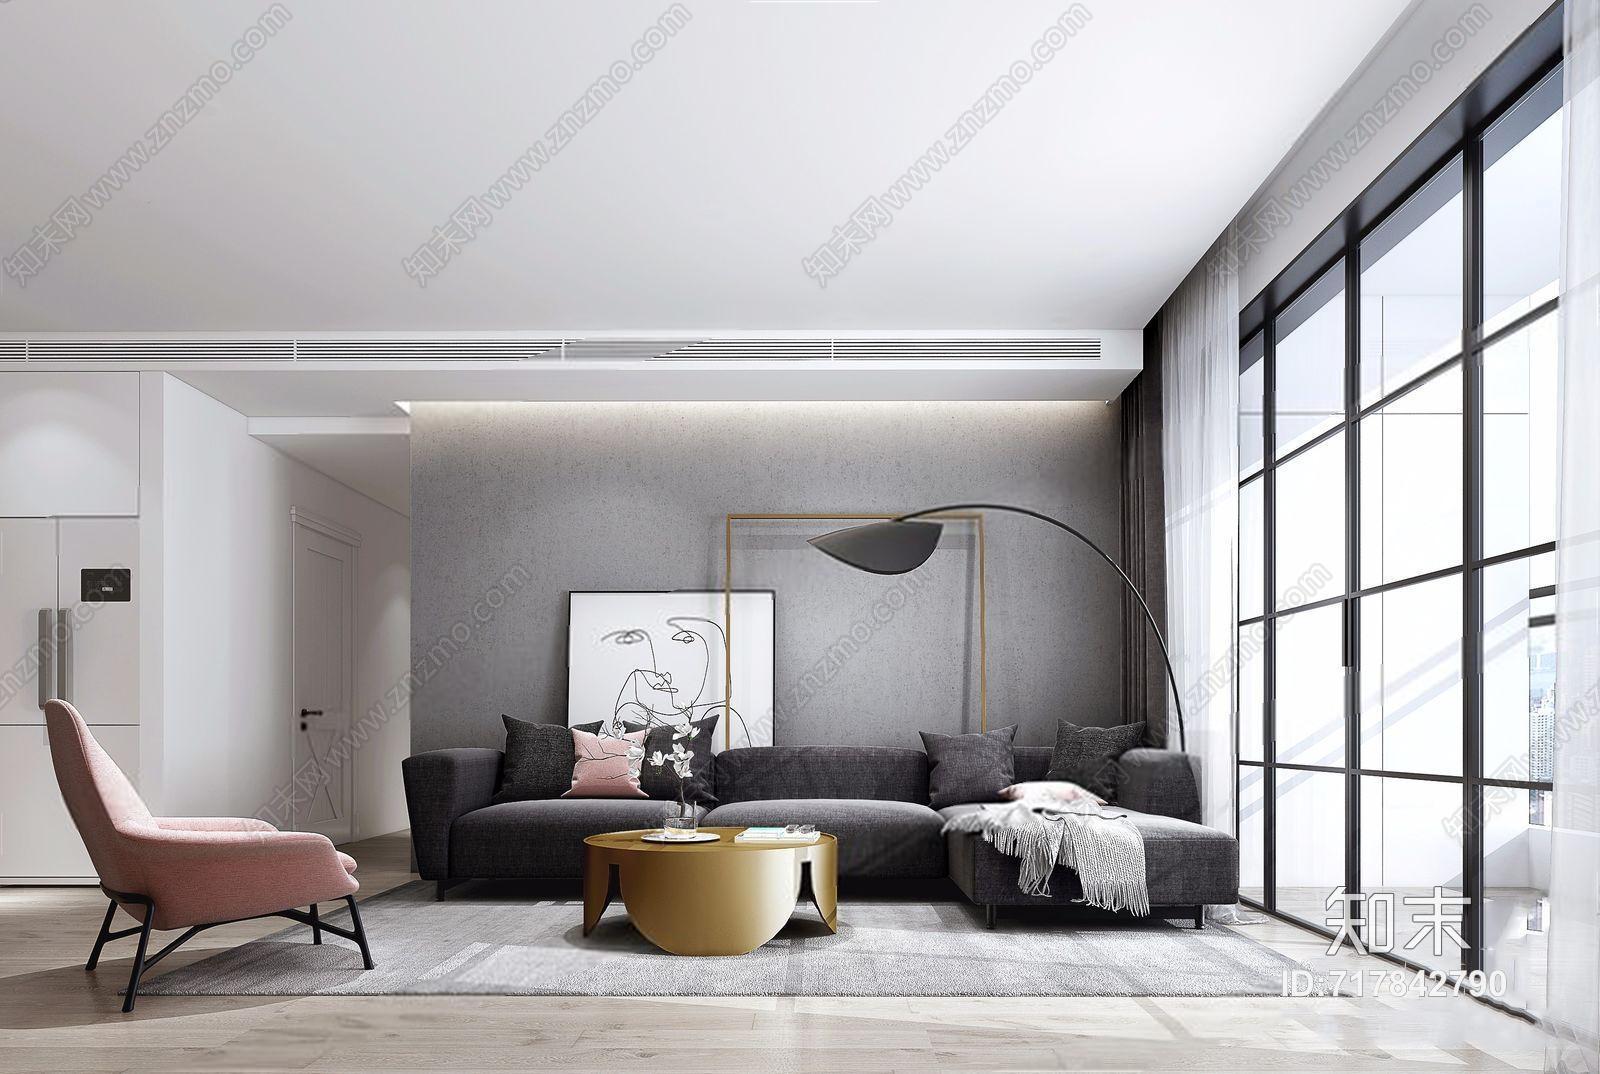 现代客厅 现代客厅 多人沙发 圆茶几 休闲椅 落地灯 转角沙发 布艺沙发 挂画